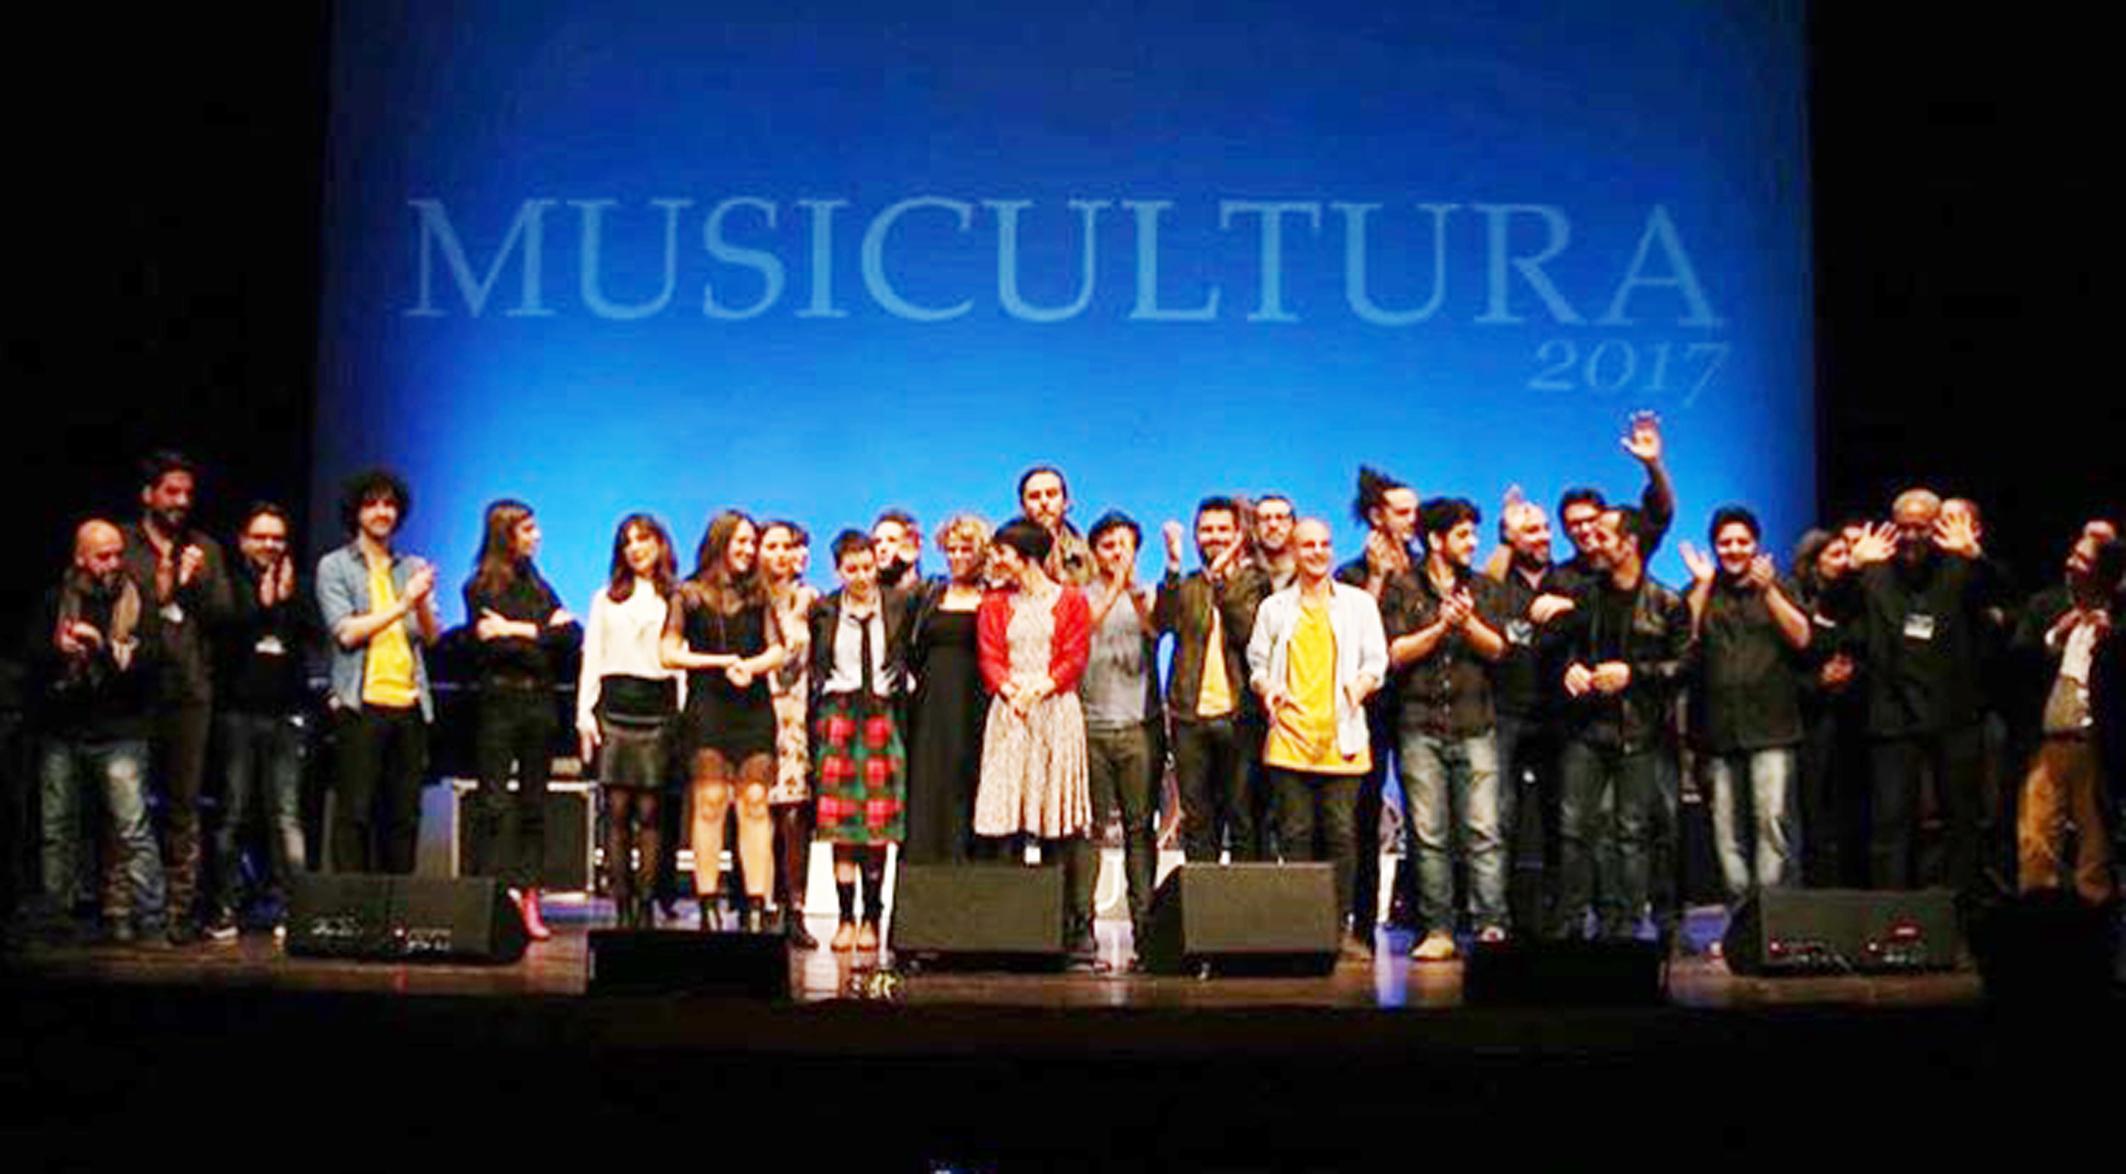 Musicultura, al Persiani di Recanati concerto dei finalisti con Tosca